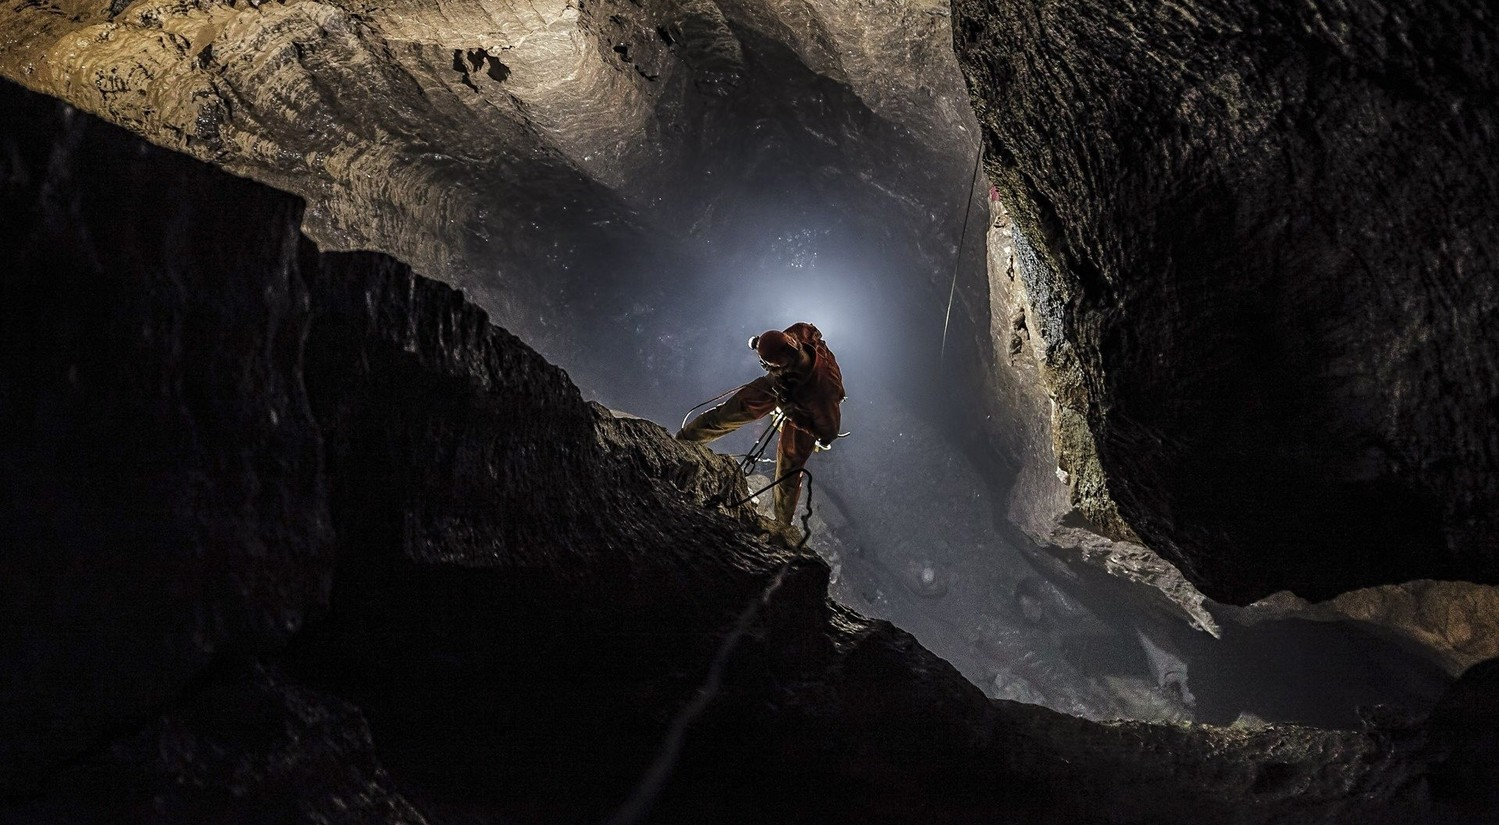 В Африке обнаружили могильник ядерных отходов возрастом 2 000 000 лет